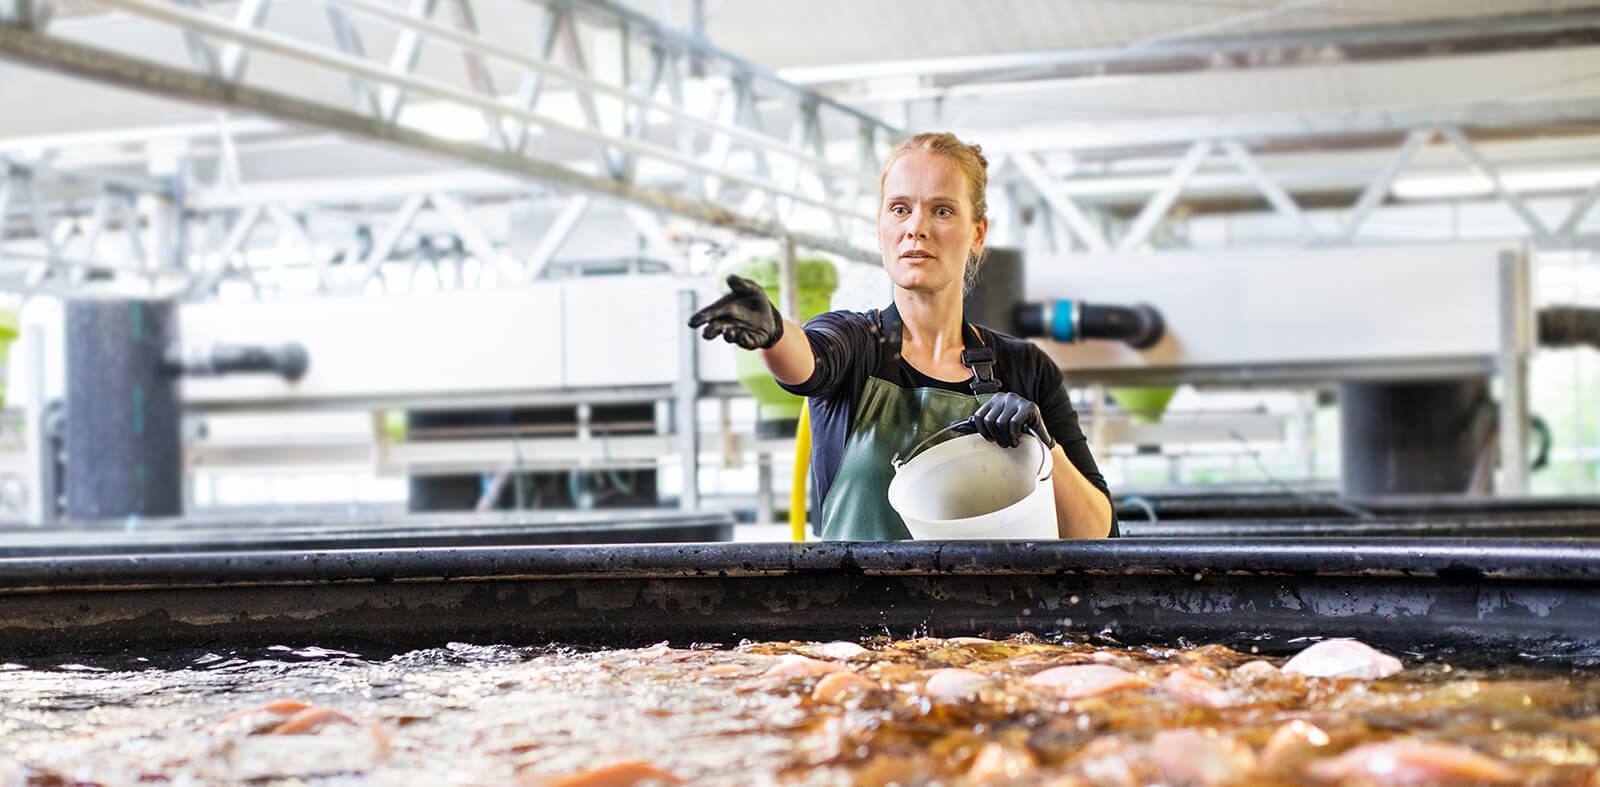 AquacultureMainEdited.jpg